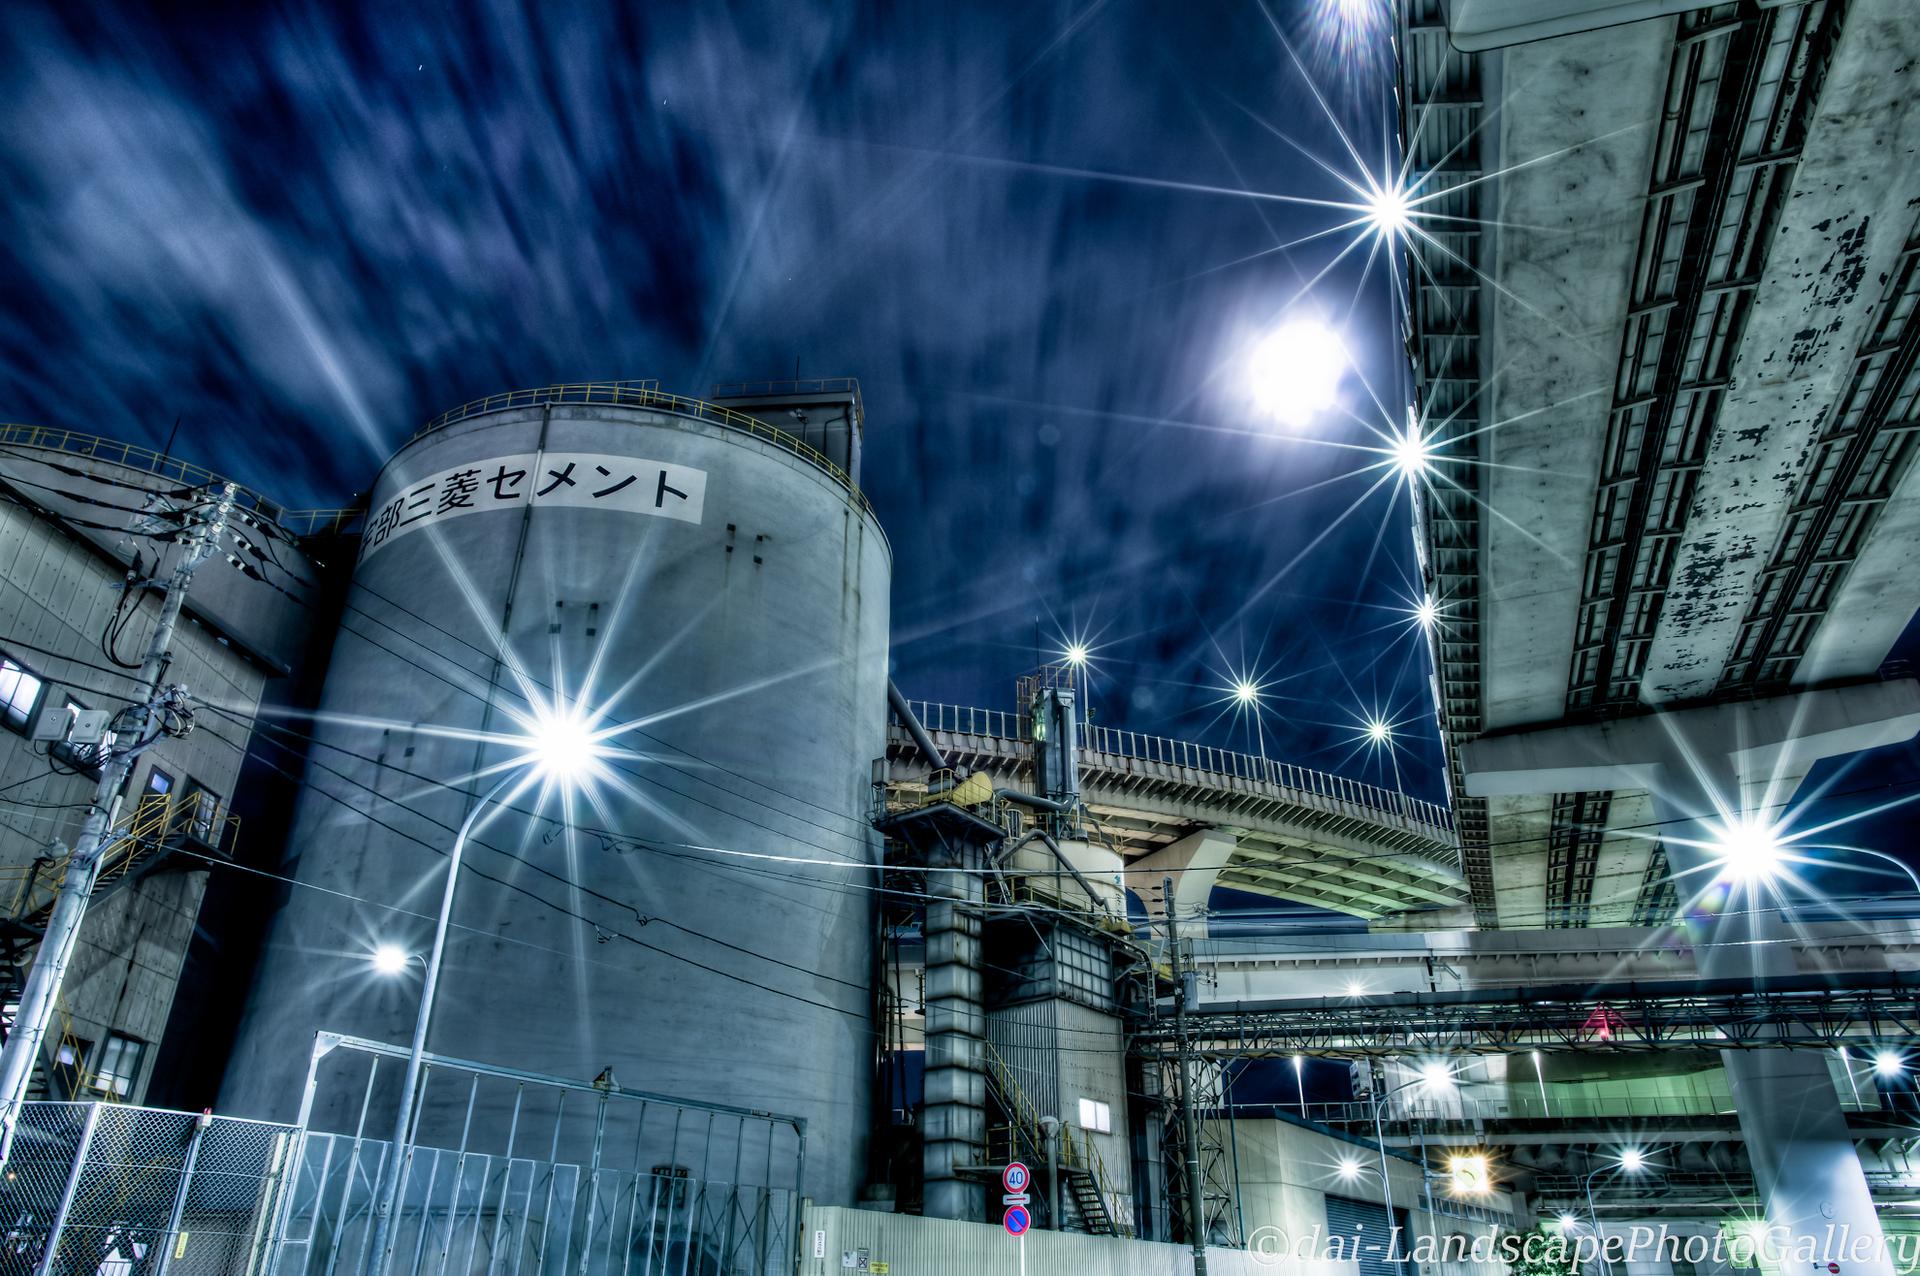 箱崎ジャンクション高架下夜景【HDRi】